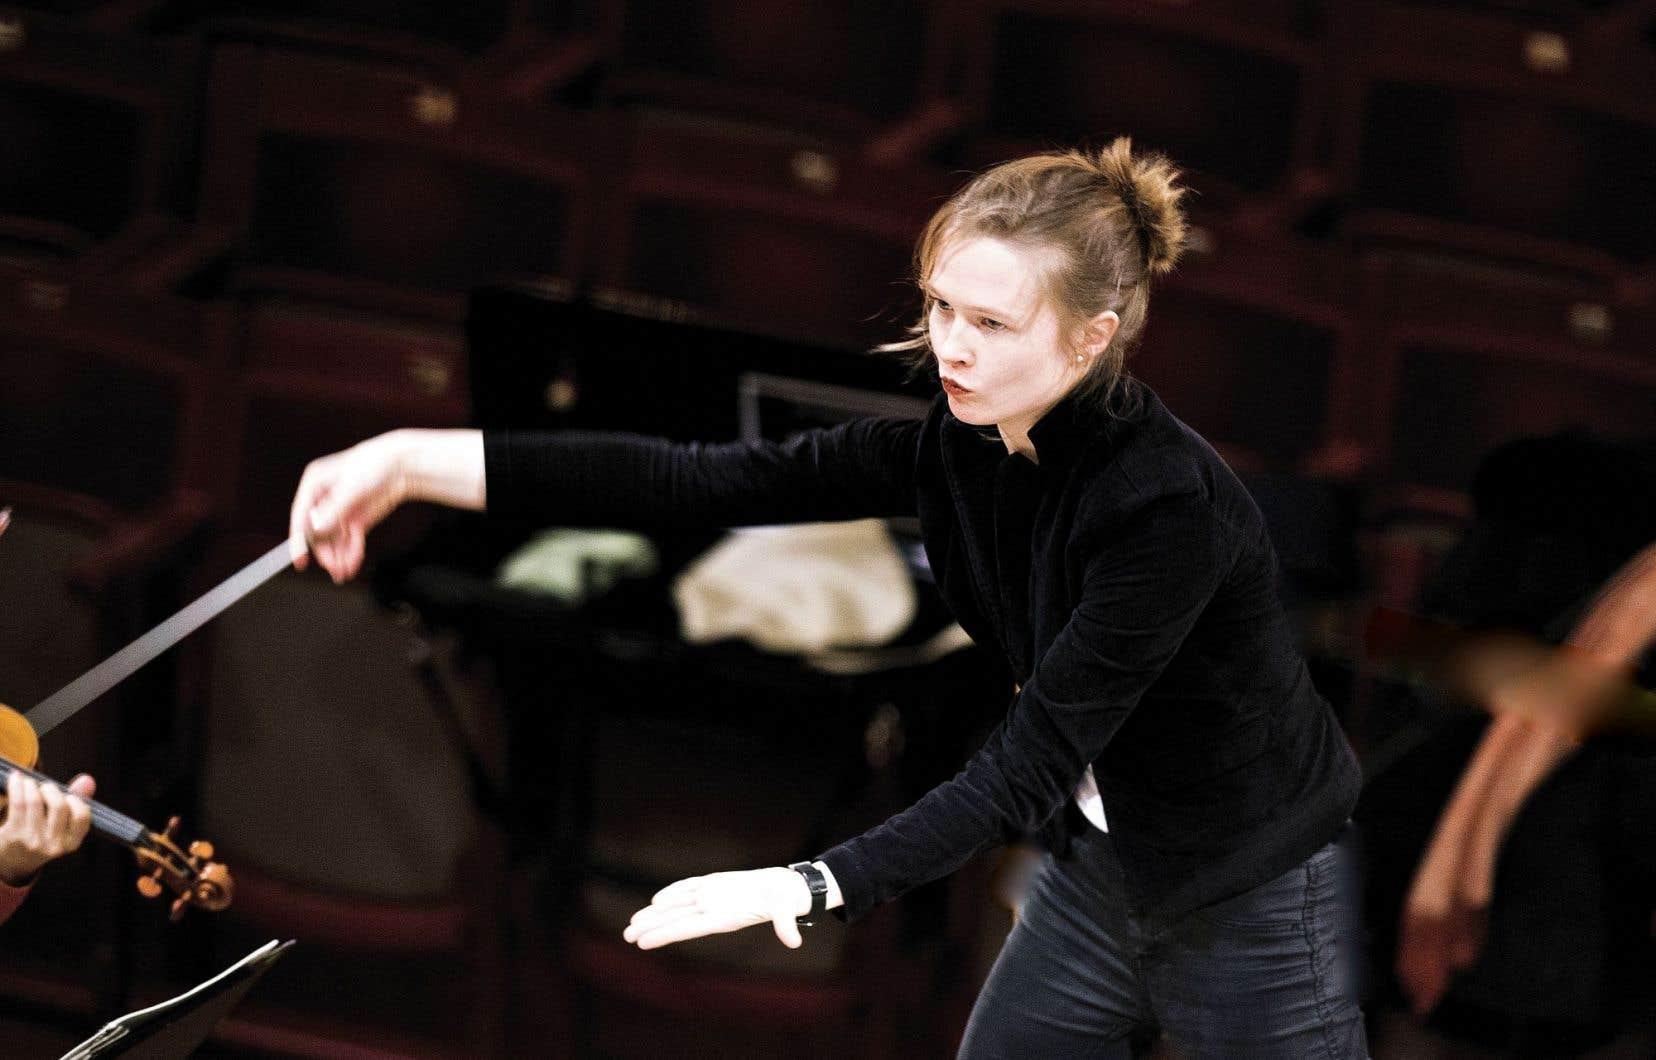 Mirga Gražinyte-Tyla vient d'être nommée chef de l'Orchestre symphonique de Birmingham.